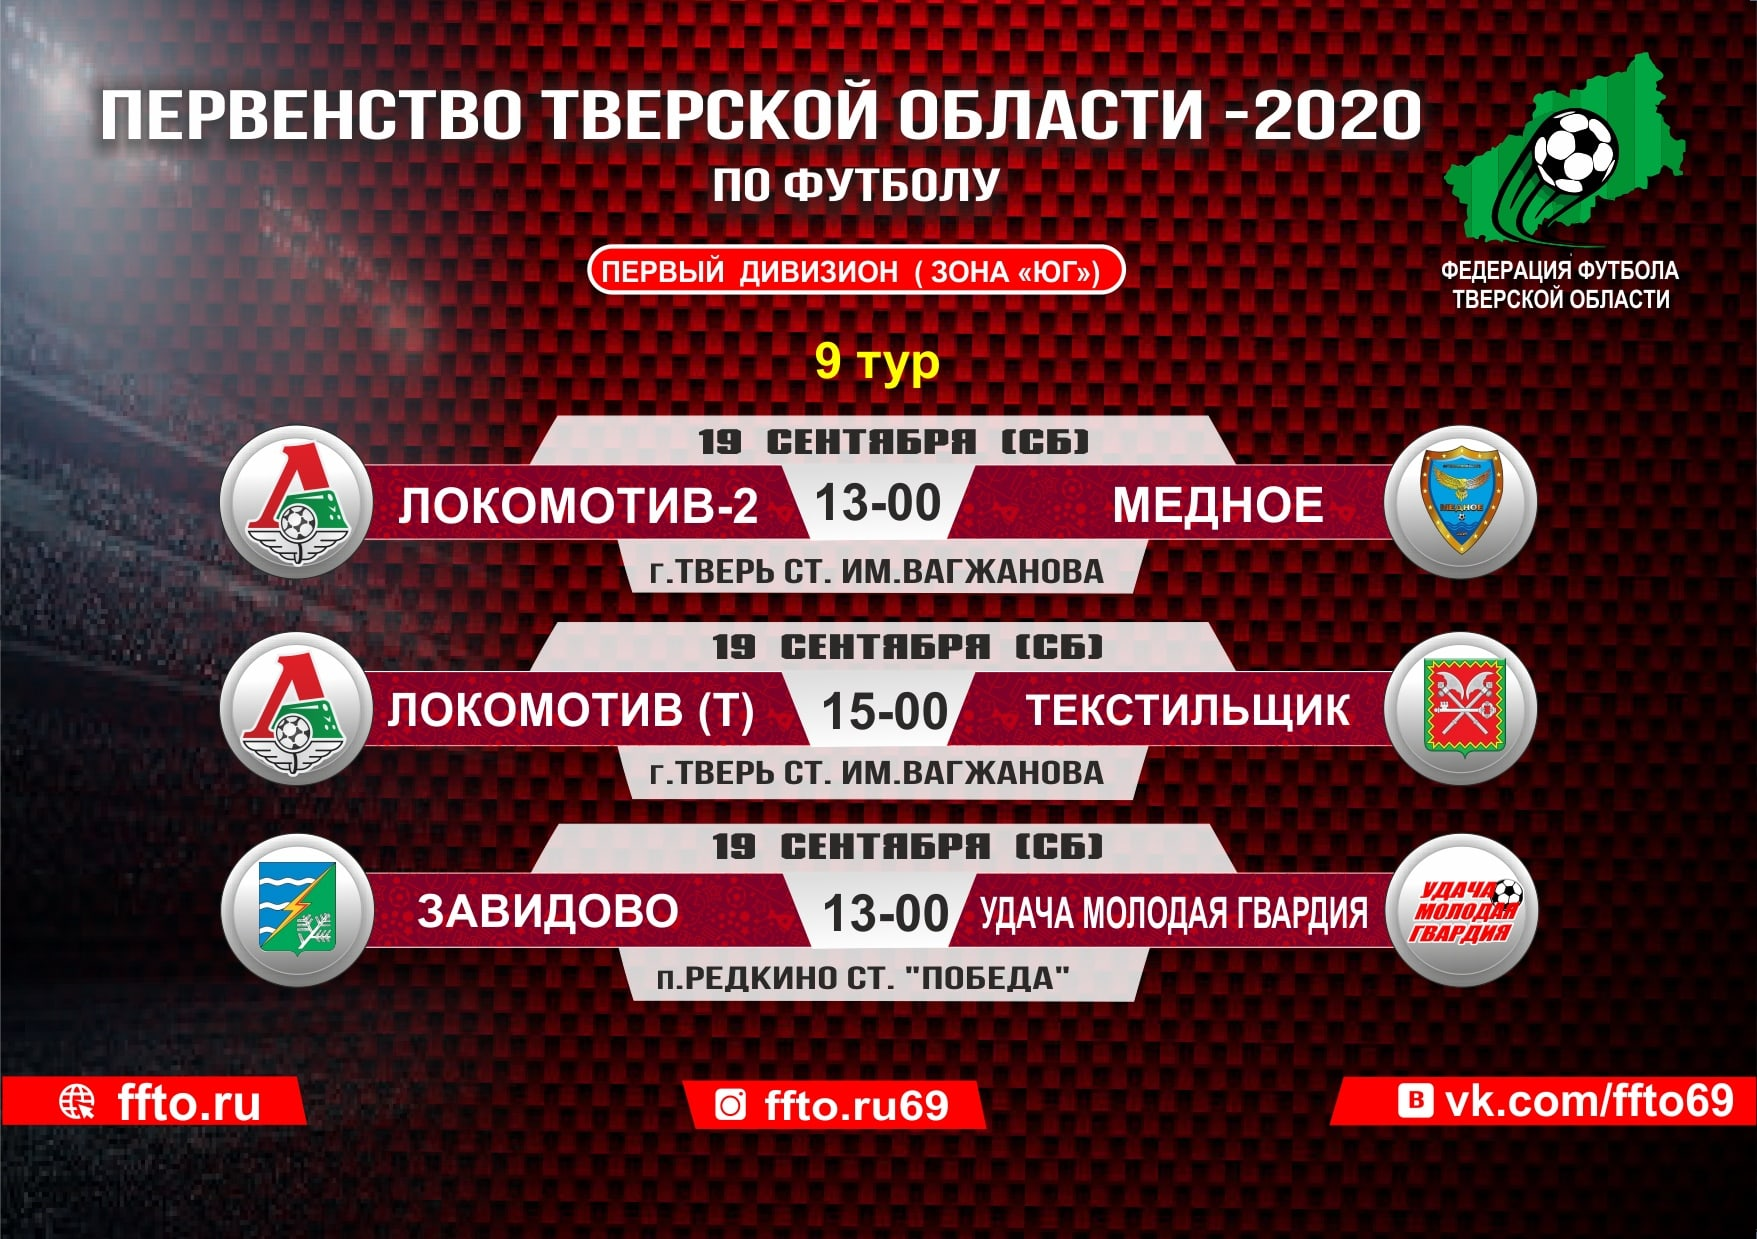 Опубликовано расписание игр 9-ого тура Чемпионата и Первенства Тверской области по футболу